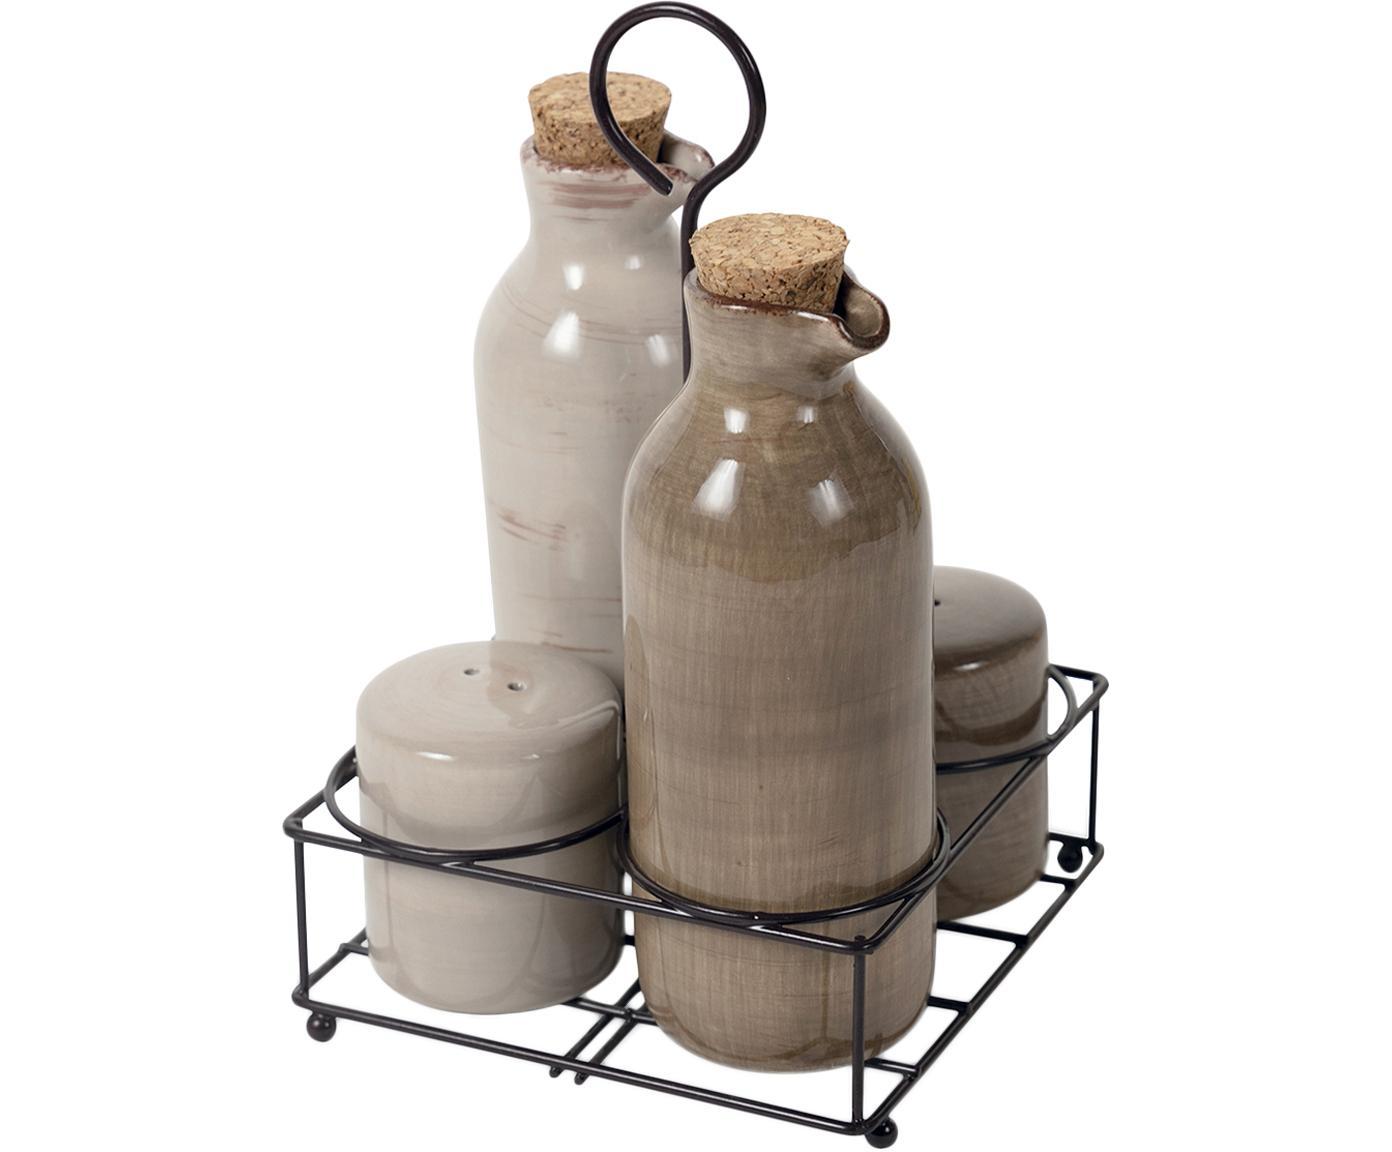 Komplet dozowników na oliwę i ocet Baita, 5 elem., Kamionka, Beżowy, brązowy, Różne rozmiary